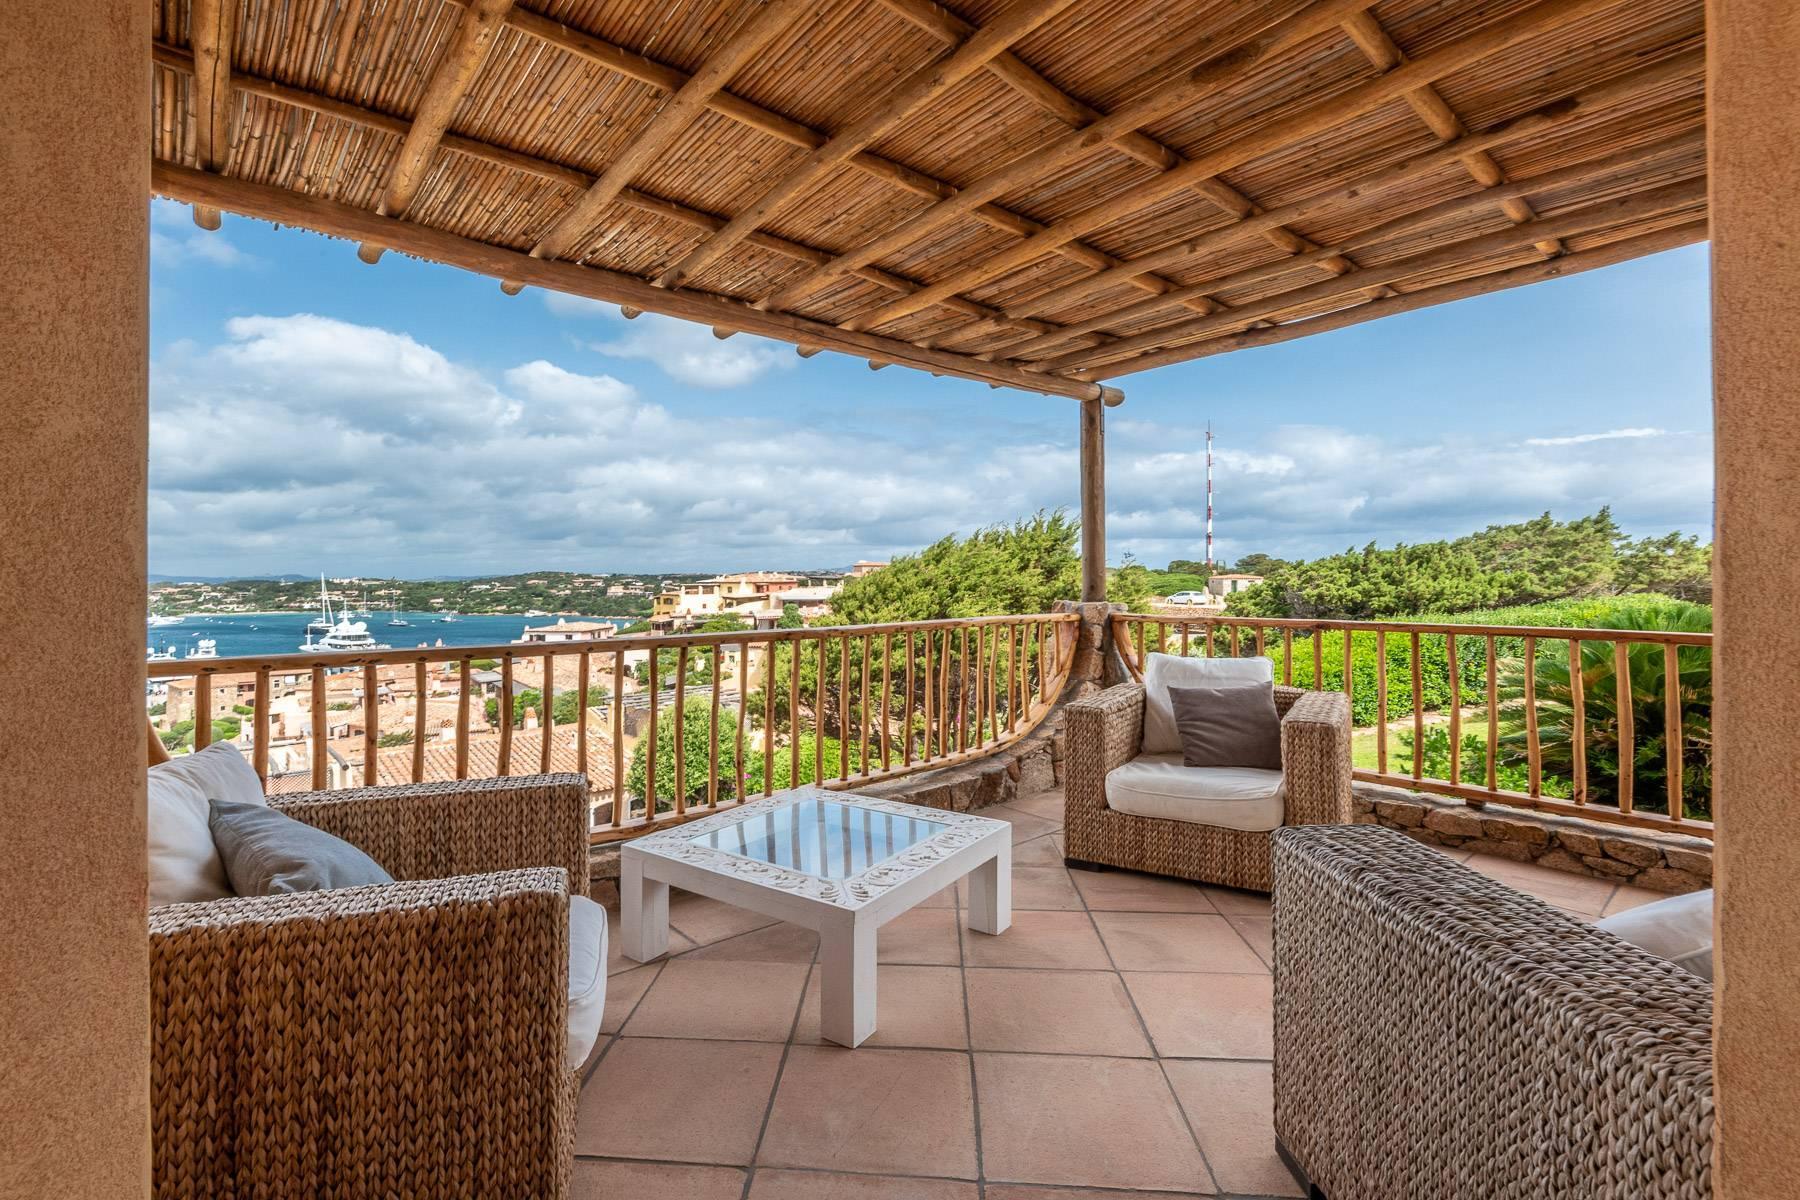 Importante villa indipendente con un impareggiabile panorama, nel cuore di Porto Cervo. - 10